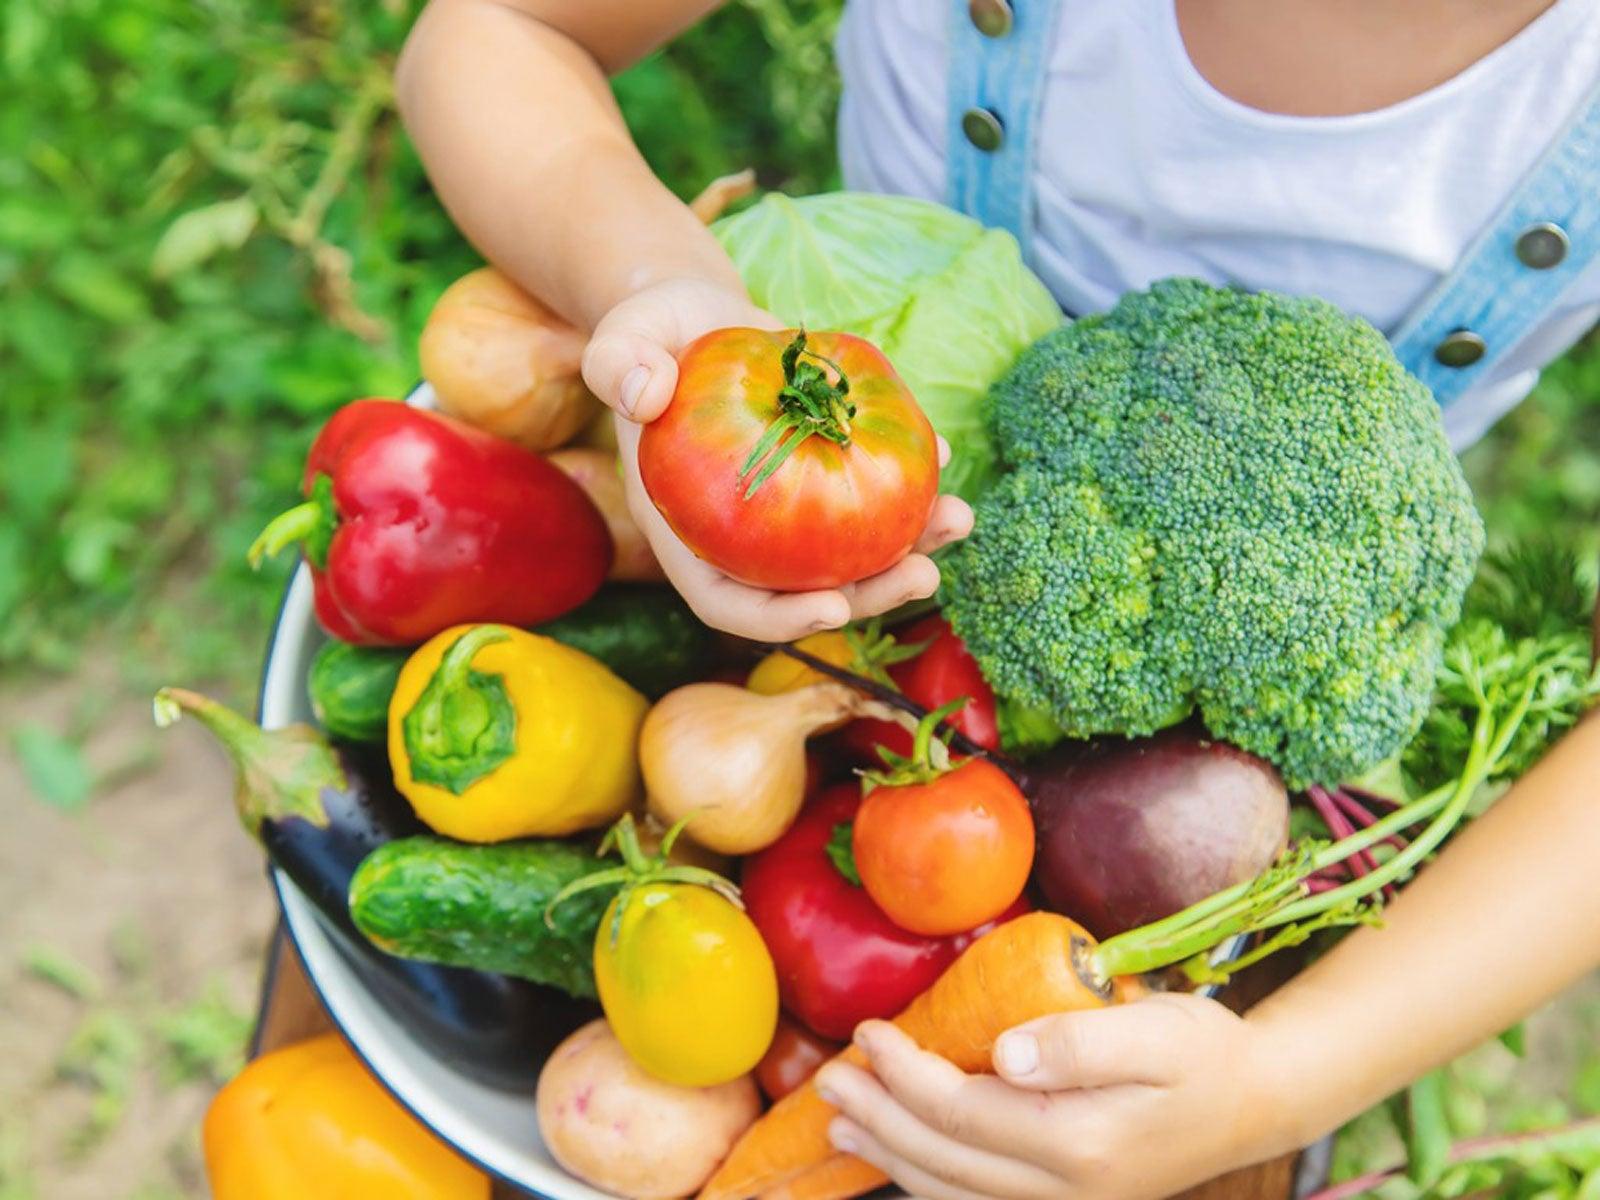 When Are Vegetables Fresh: Tips On Checking For Vegetable Freshness